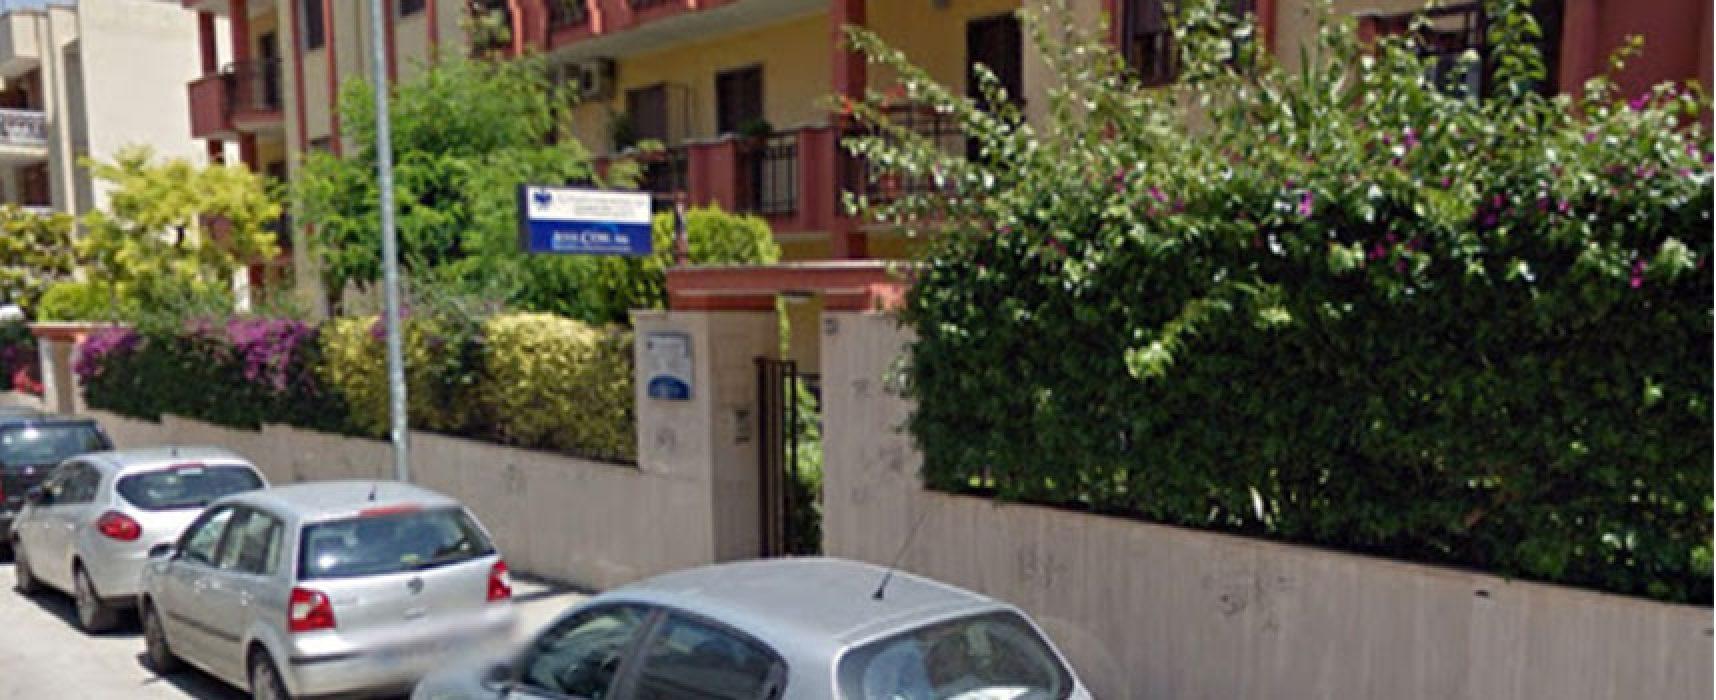 Confcommercio apre sportello informativo per bando microprestito Regione Puglia